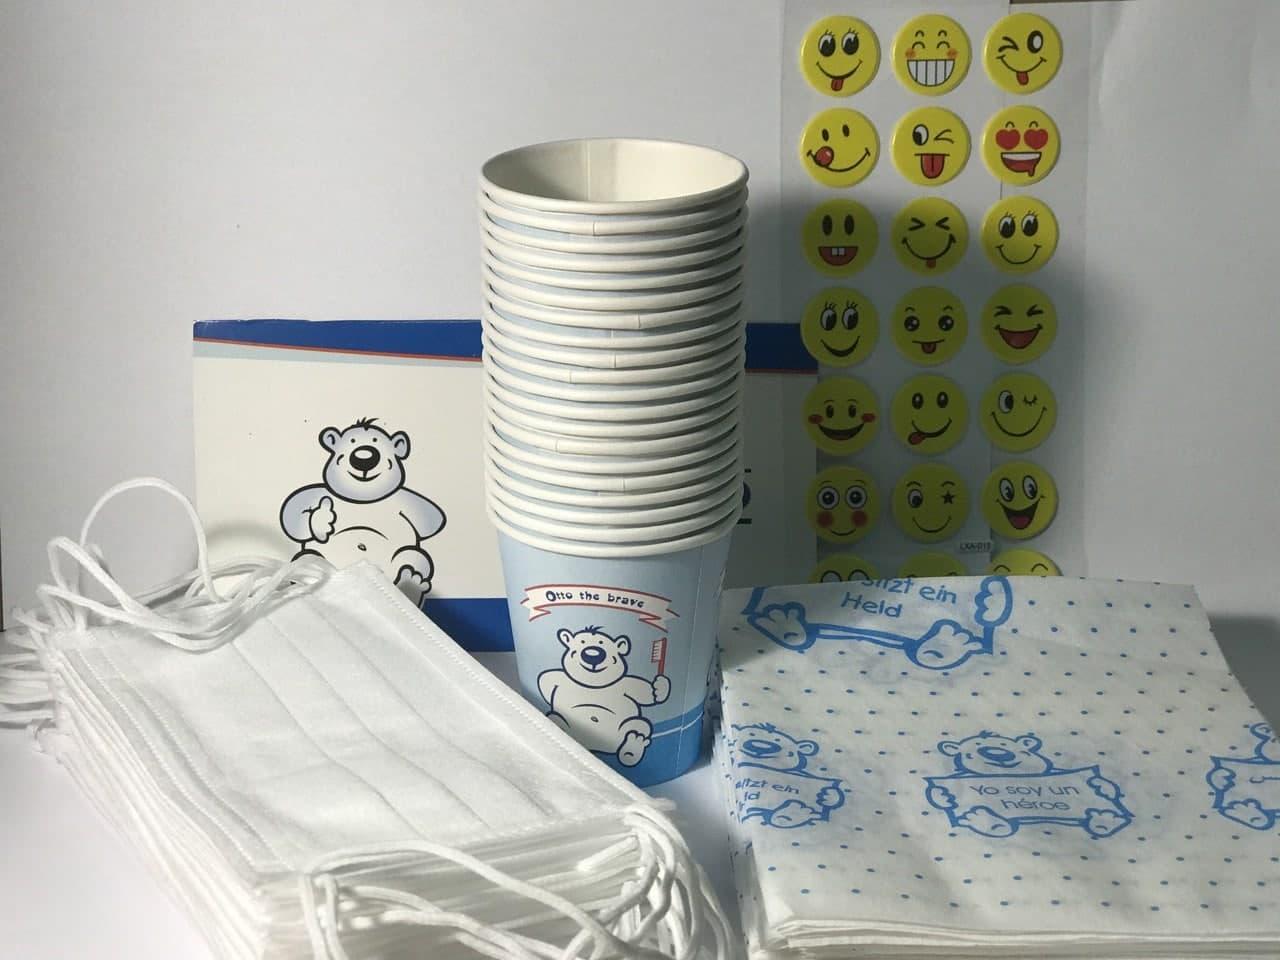 Набор для детского приема, синий/розовый (Thienel Dental), 1 упак.